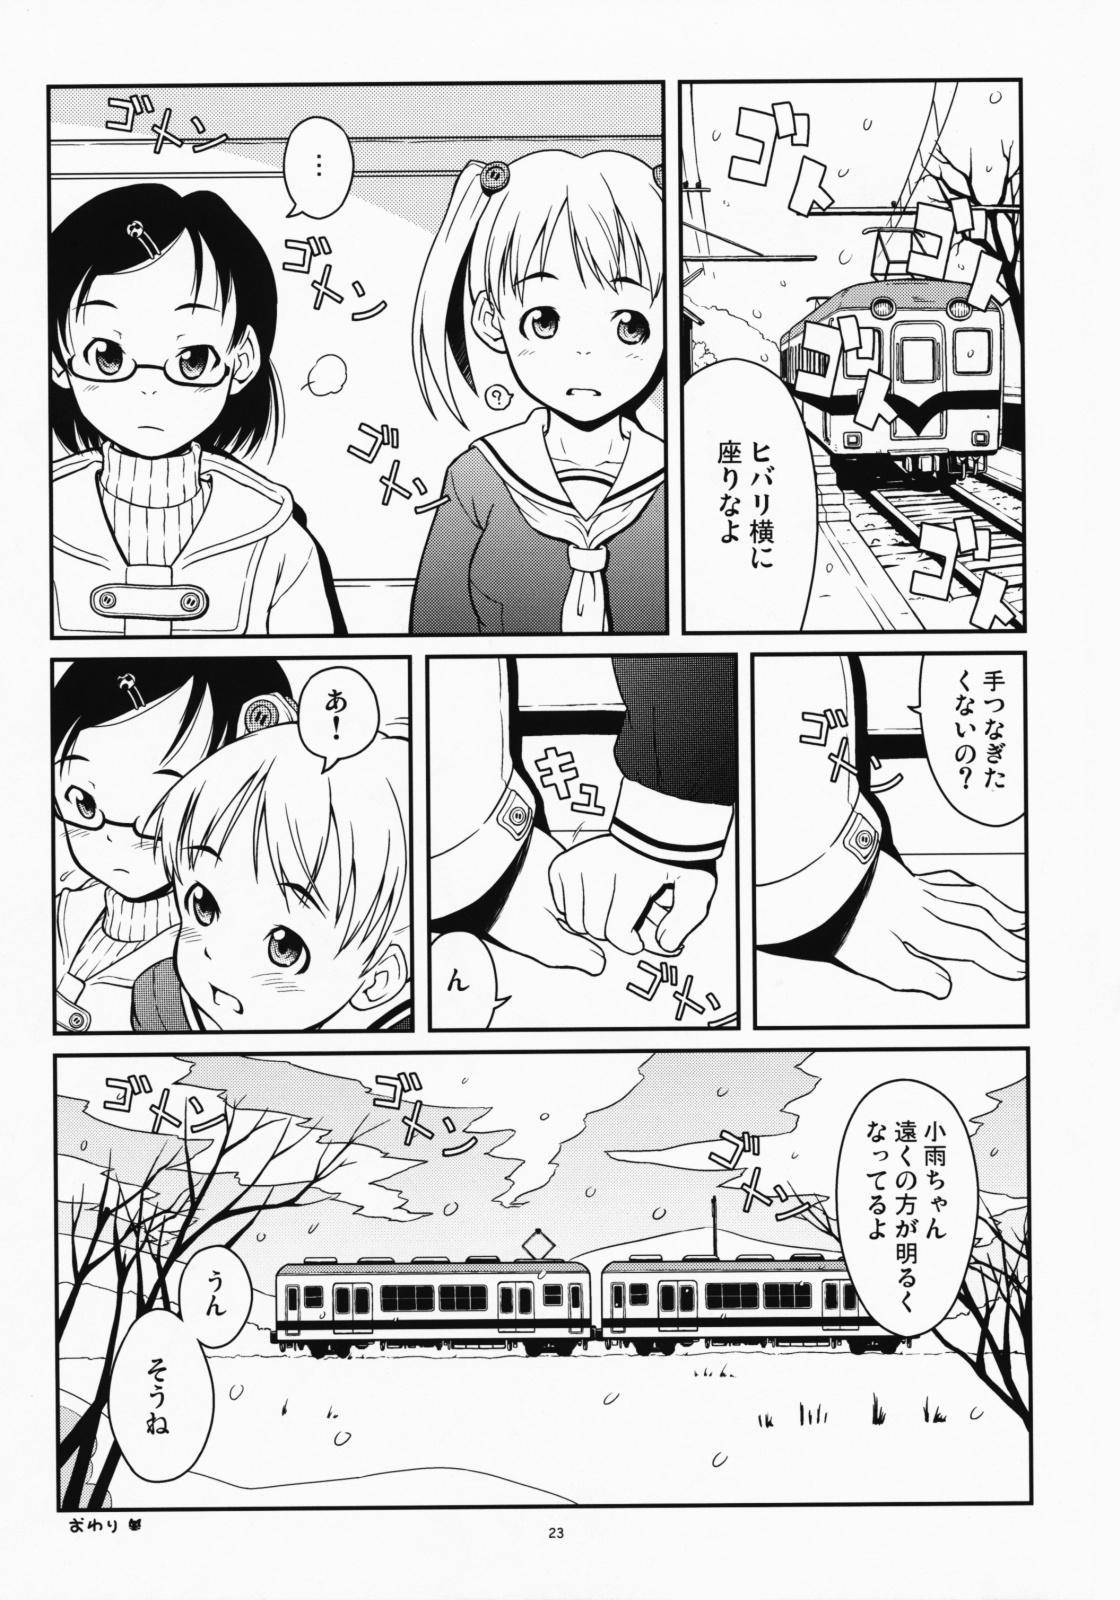 Hibari to Kosame no Fuyuyasumi 22